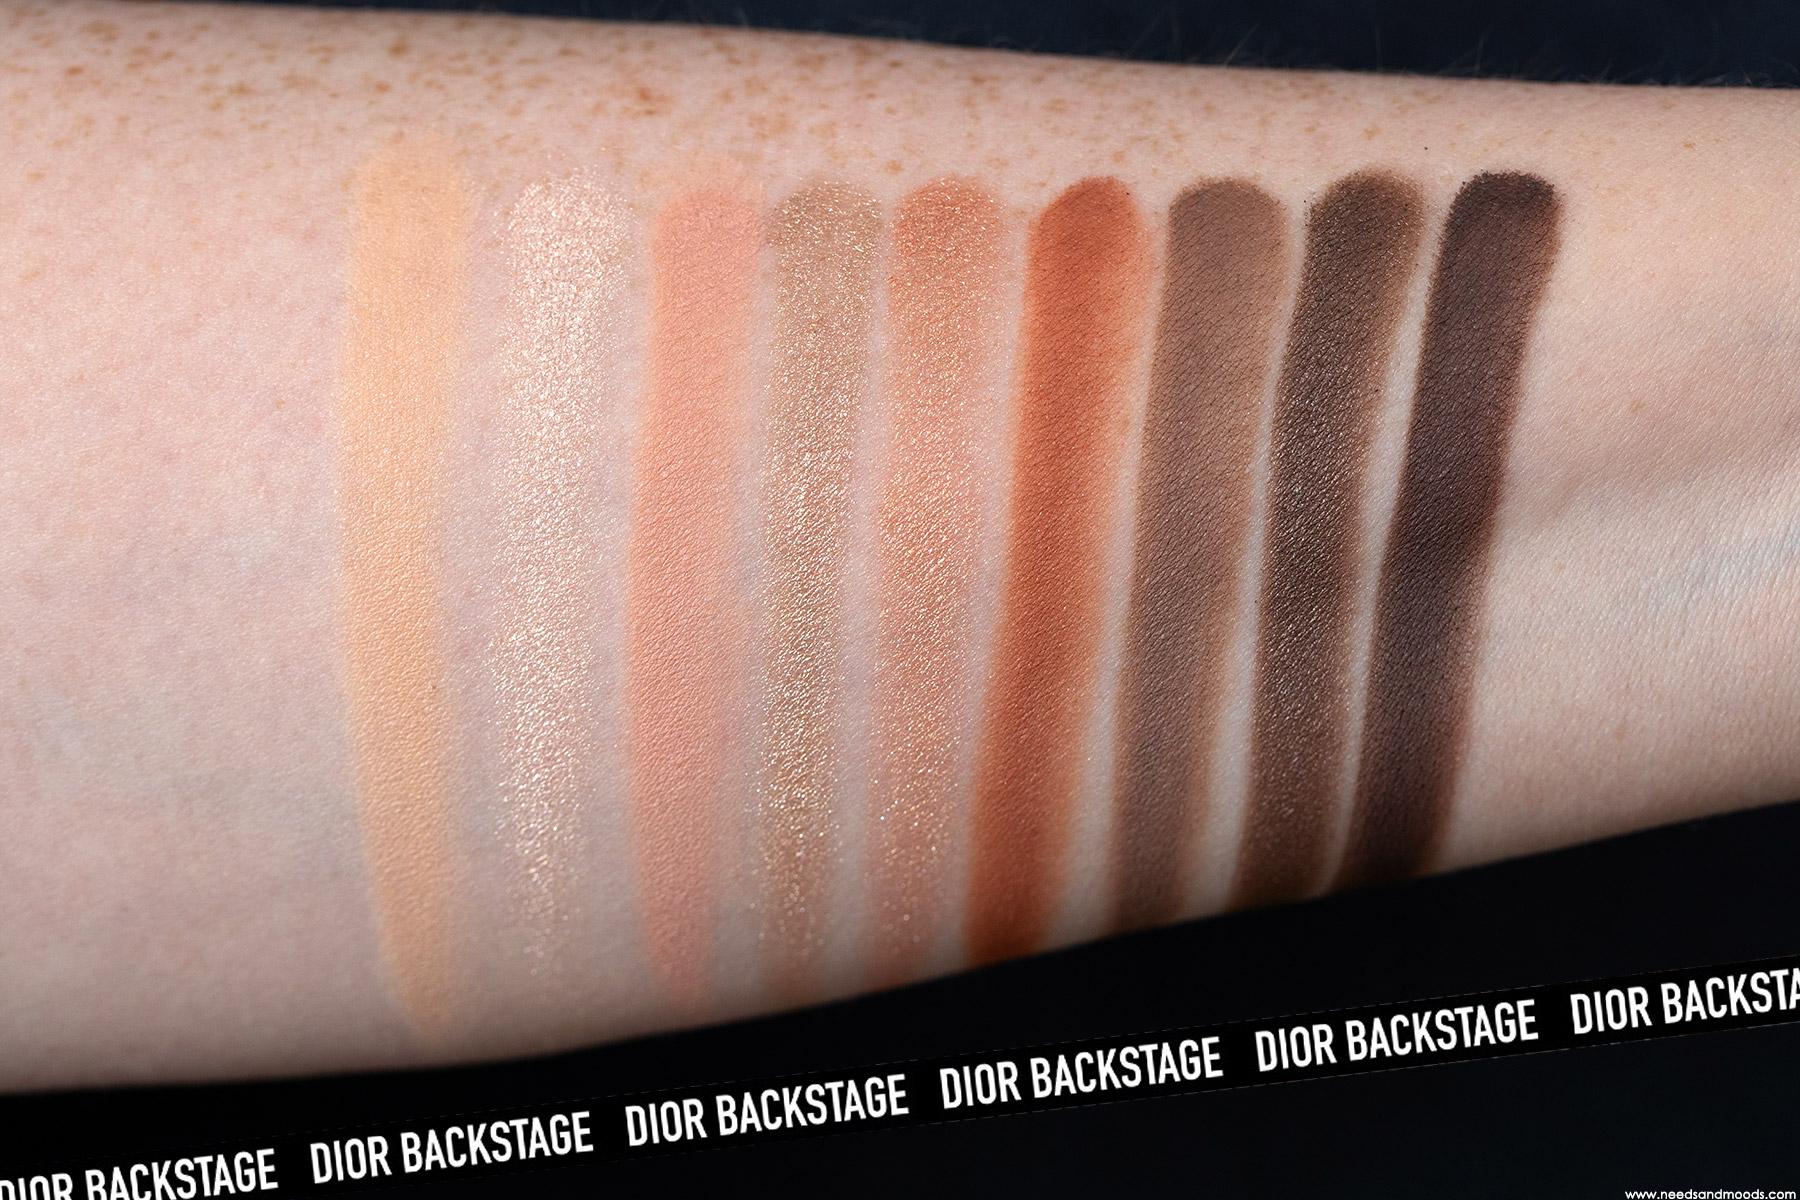 dior-backstage-eye-palette-swatch-2